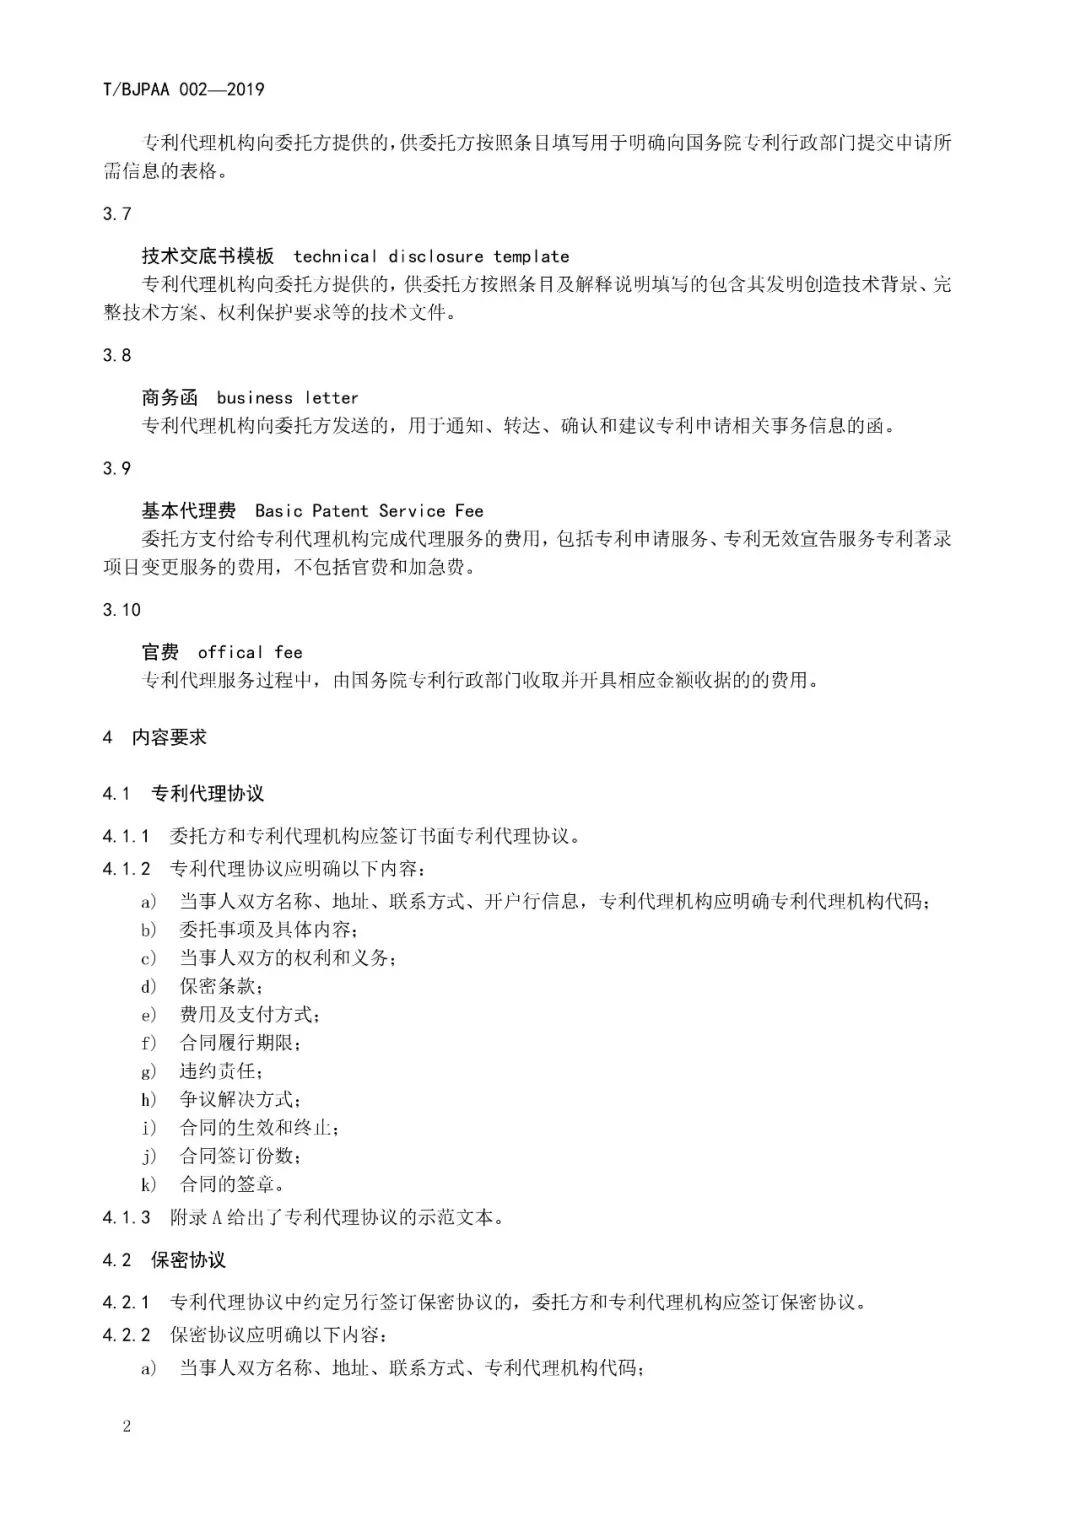 《专利代理服务商务往来文件规范》团体标准(全文)